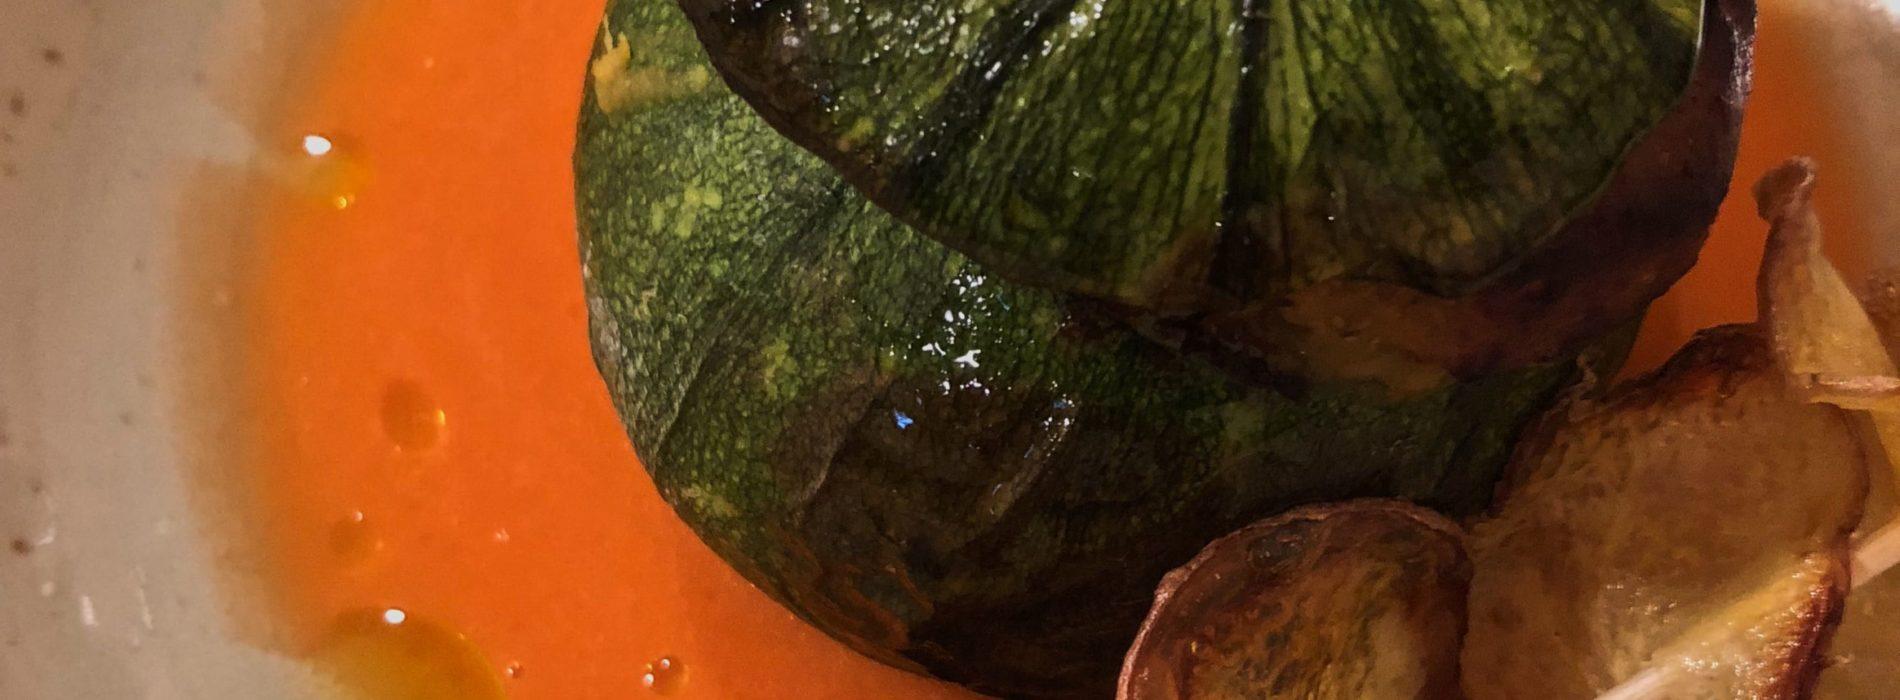 Il Rovescio Bologna, cucina genuina a km zero e pizza bio da pasta madre nel cuore della città